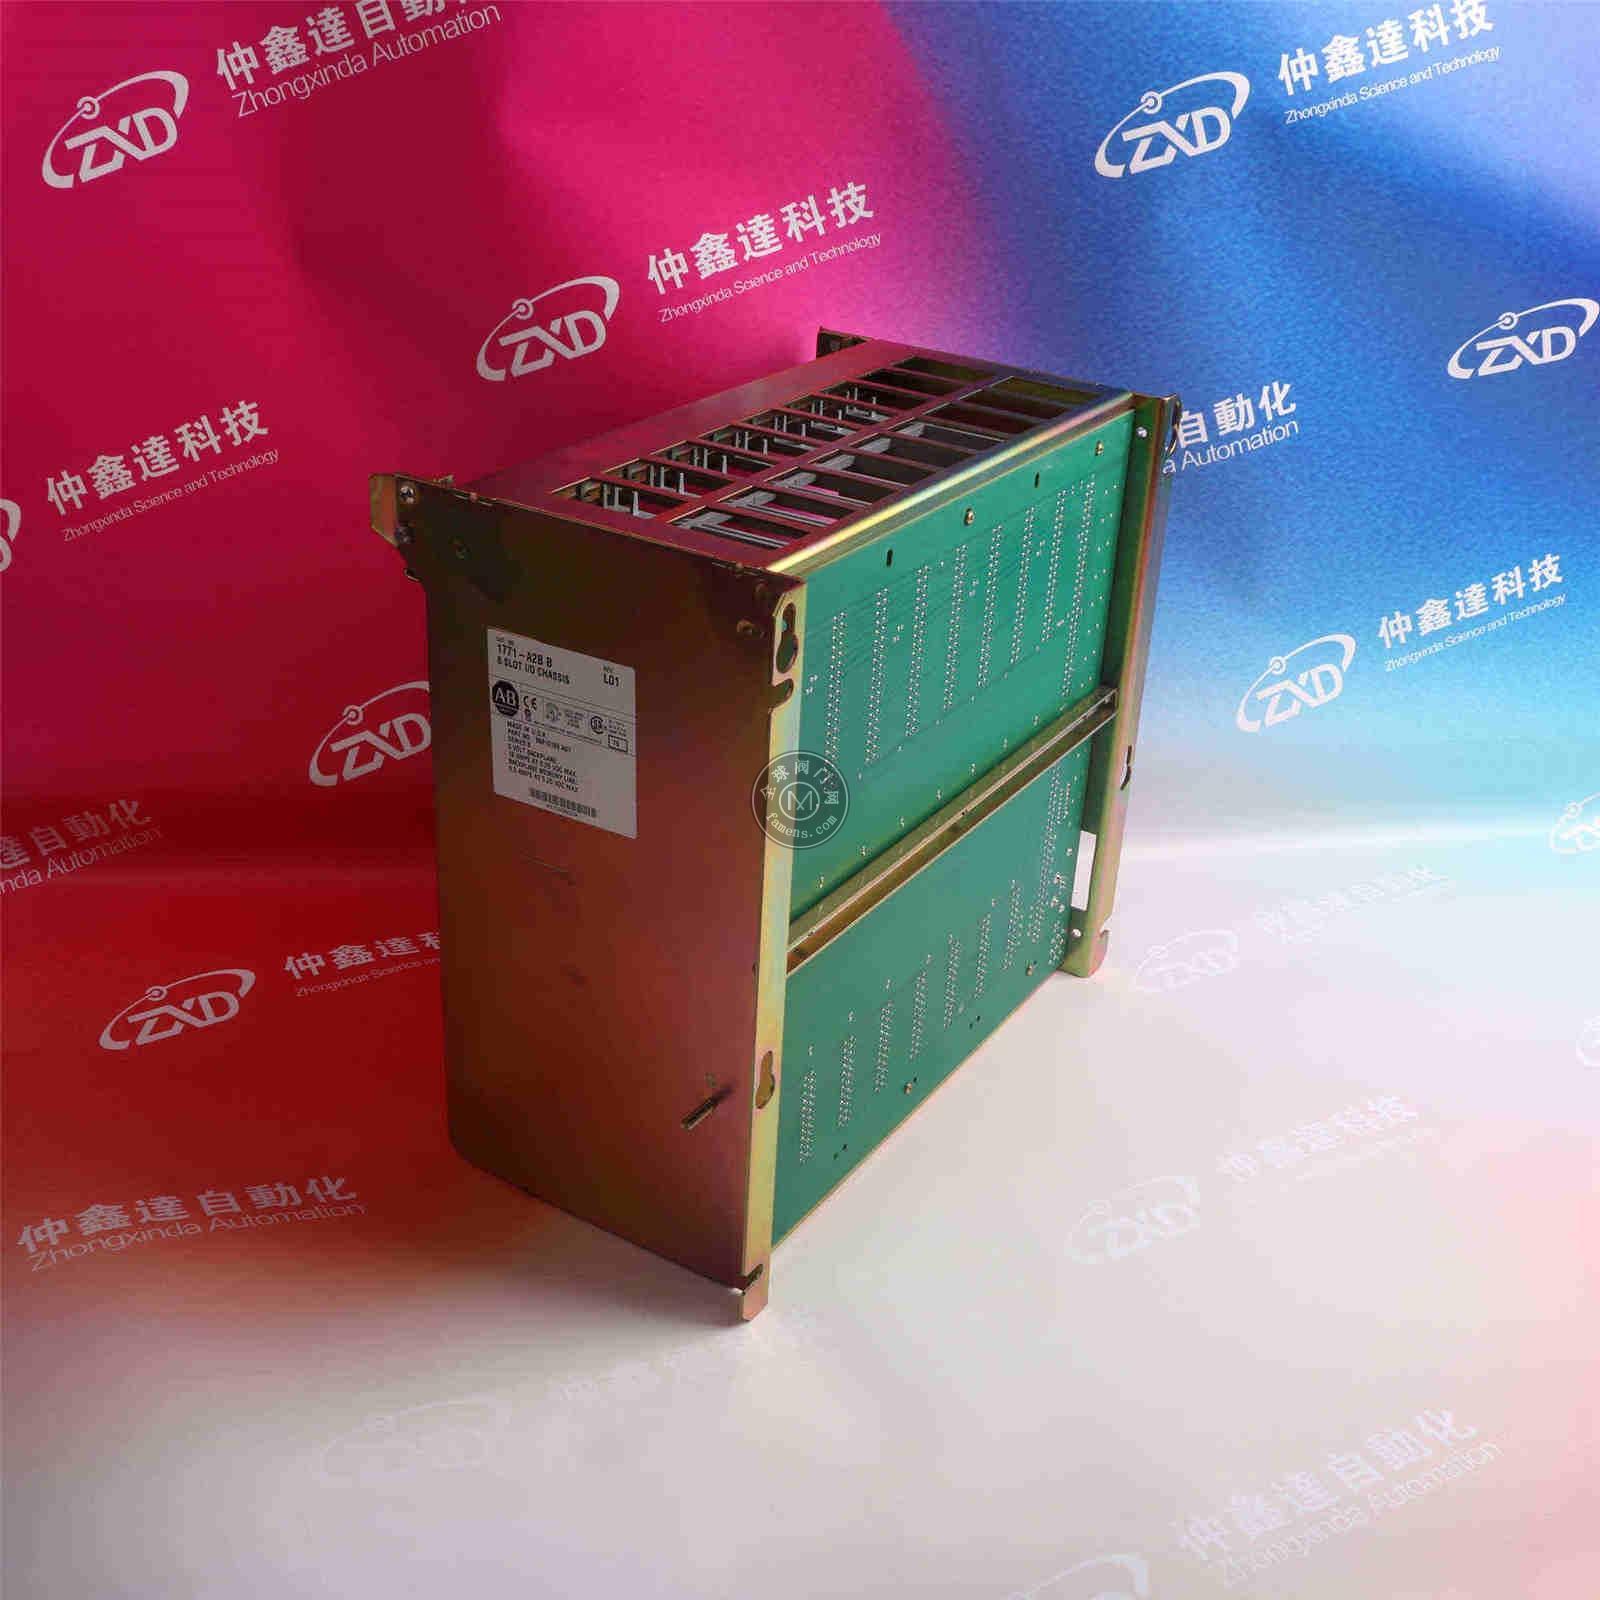 PM582 CO 1SAP140200R0100 ABB